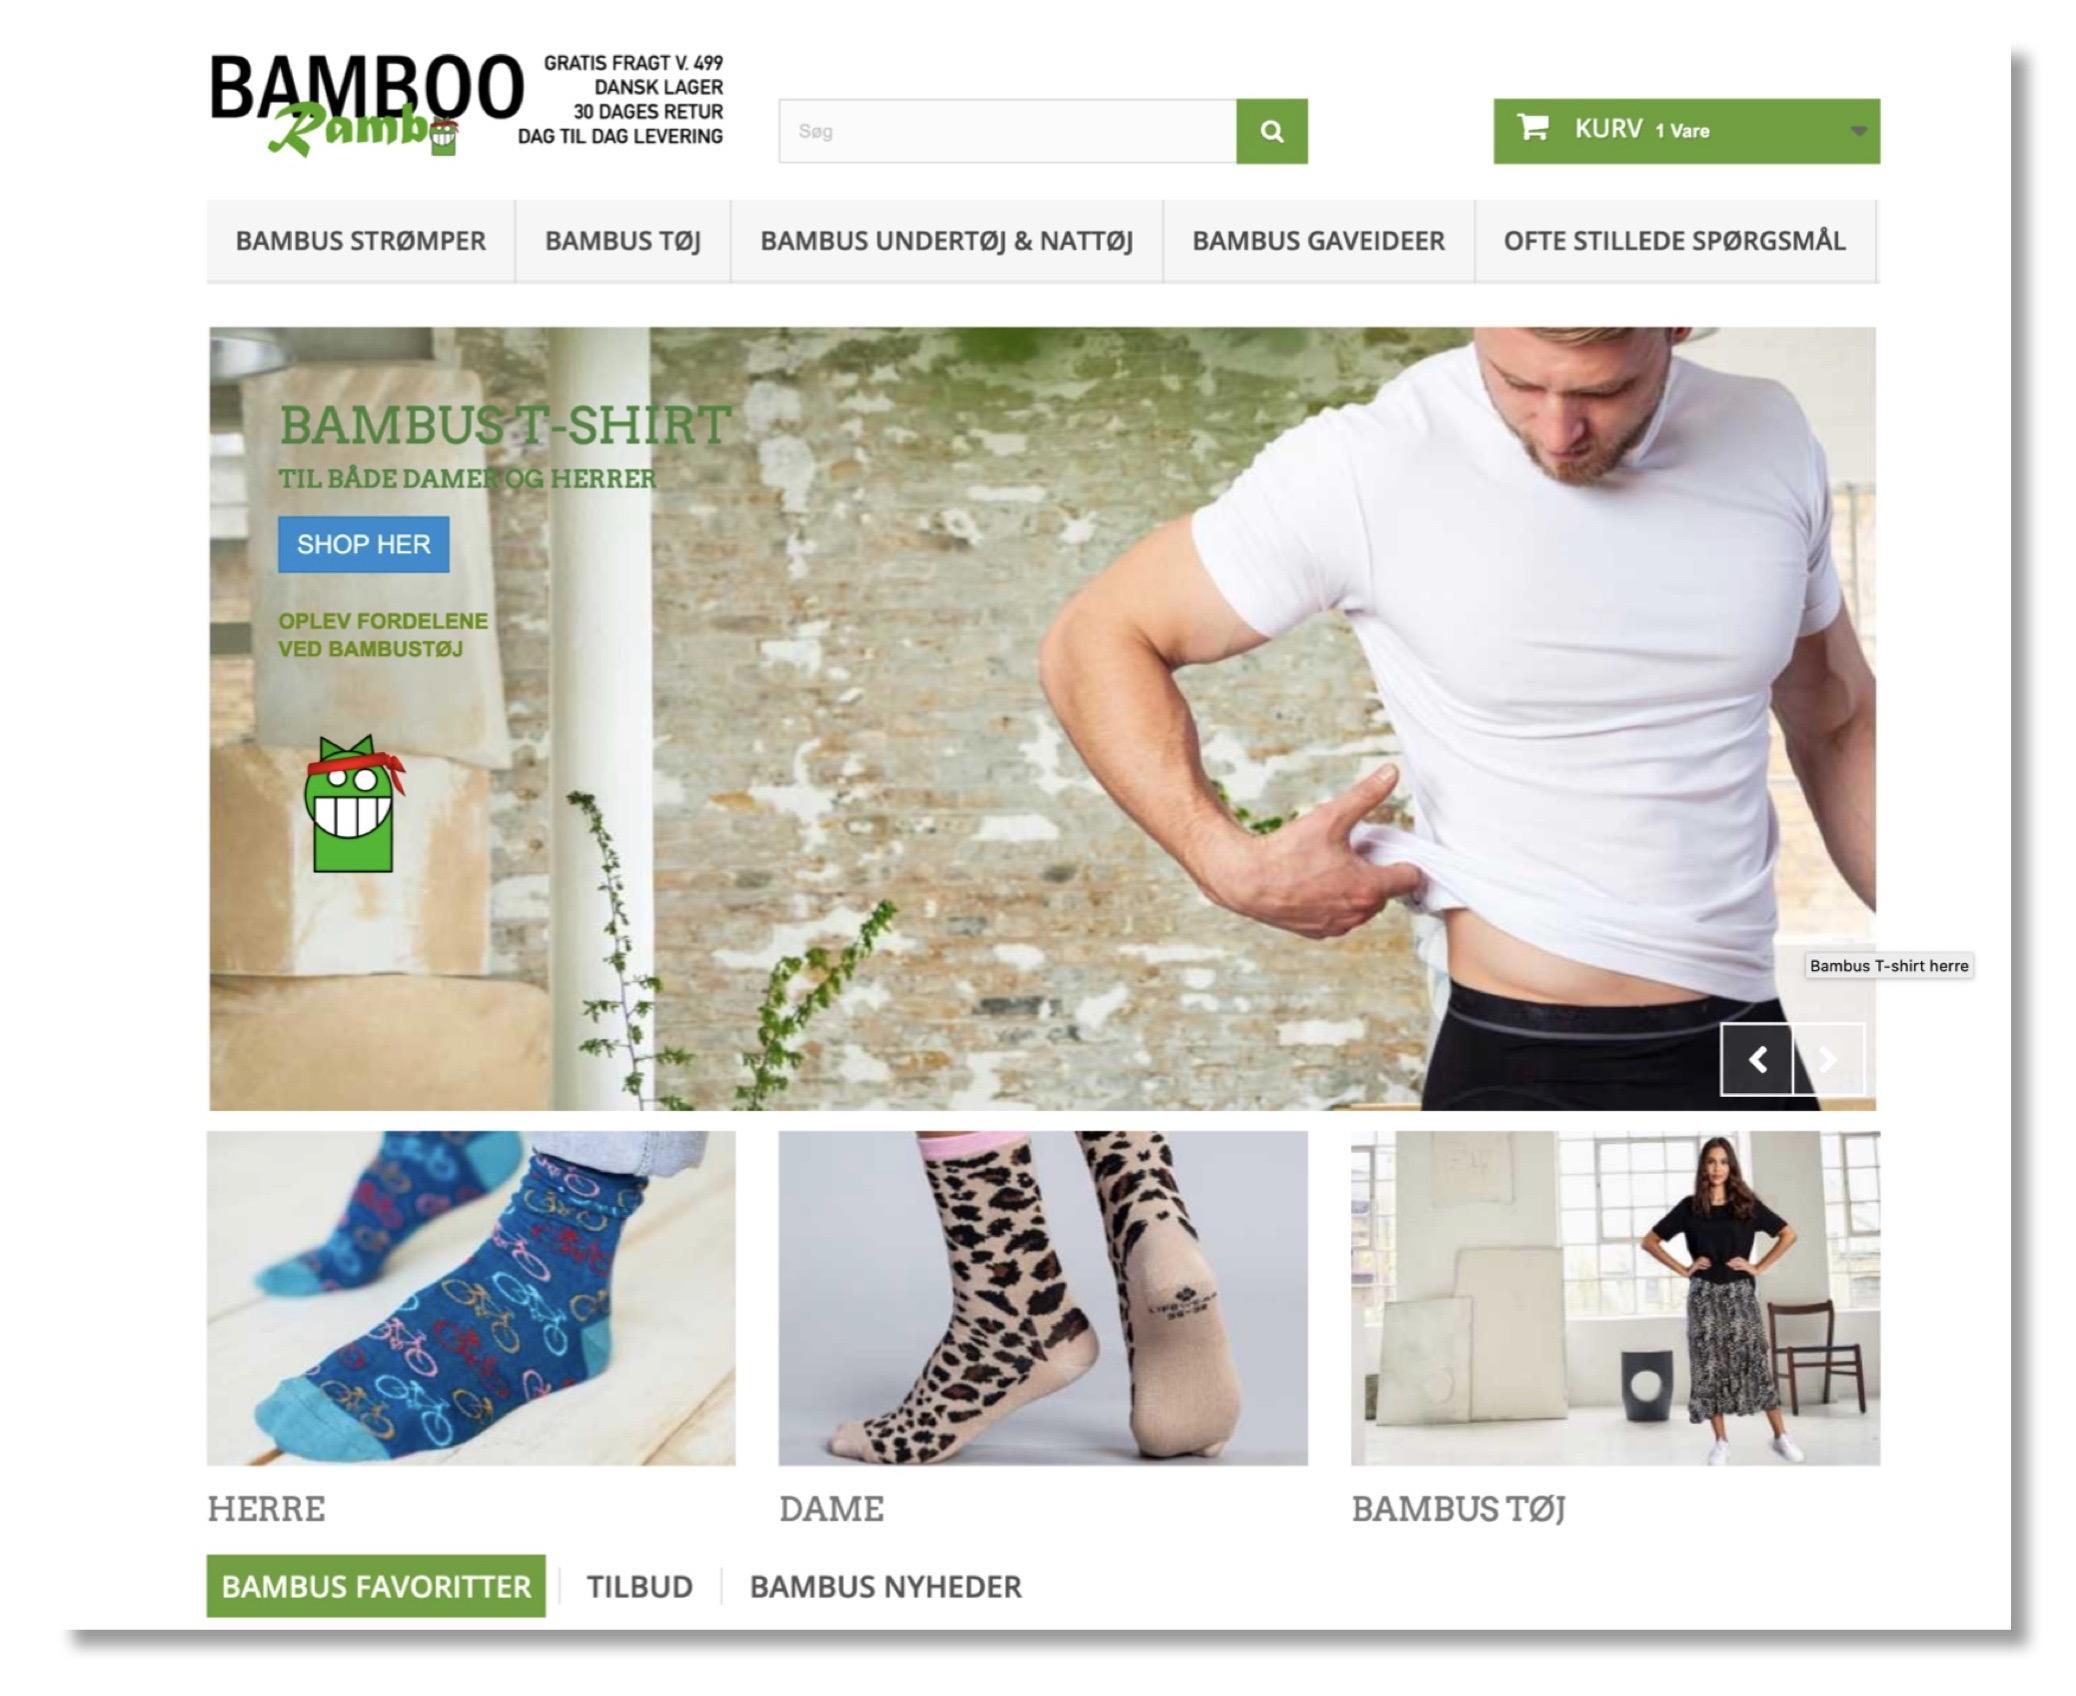 Eksempel på webshop design Bamboorambo.dk